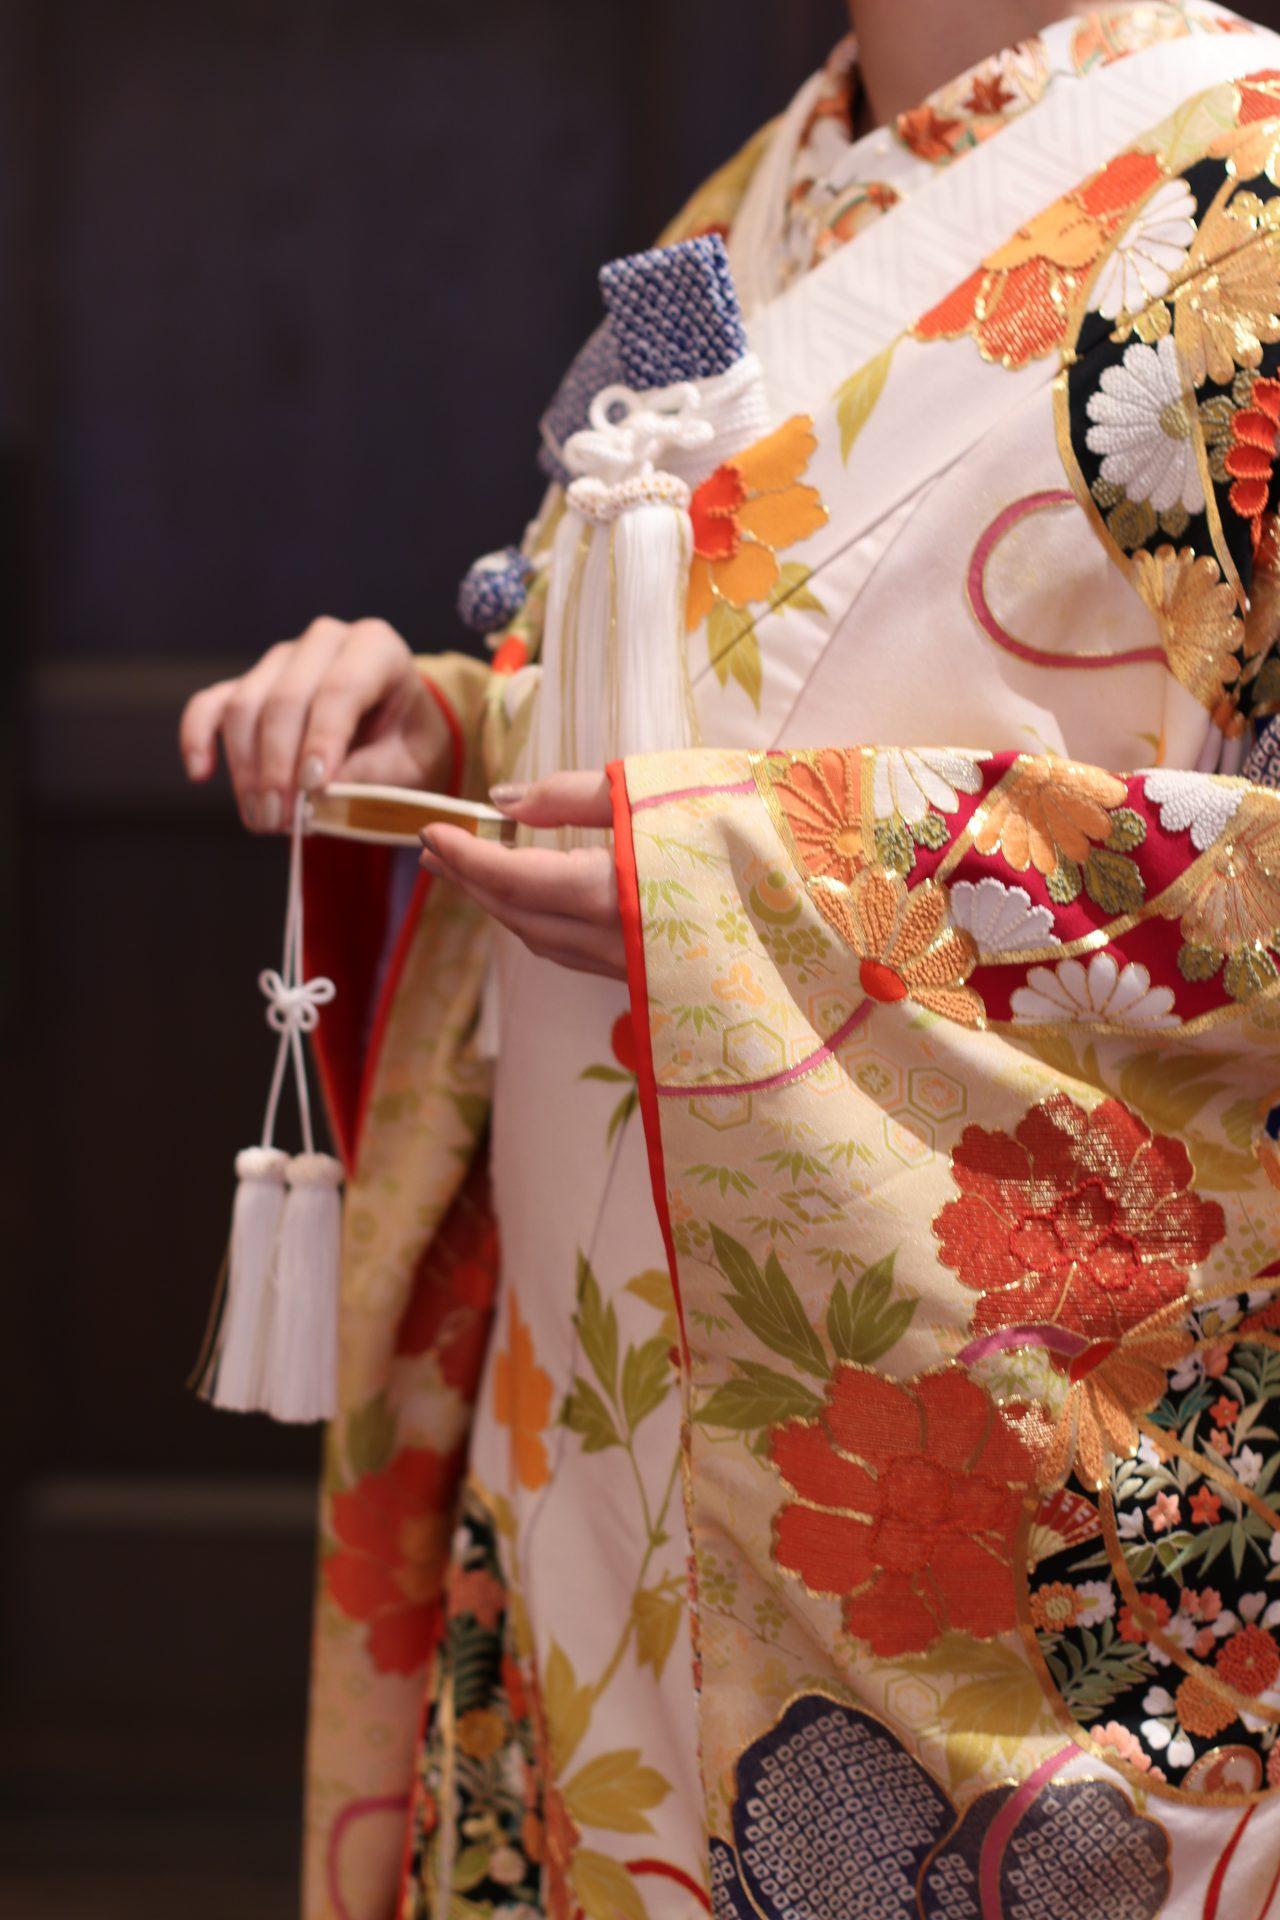 ザコンダーハウスにて淡い色味の和装のコーディネートの紹介